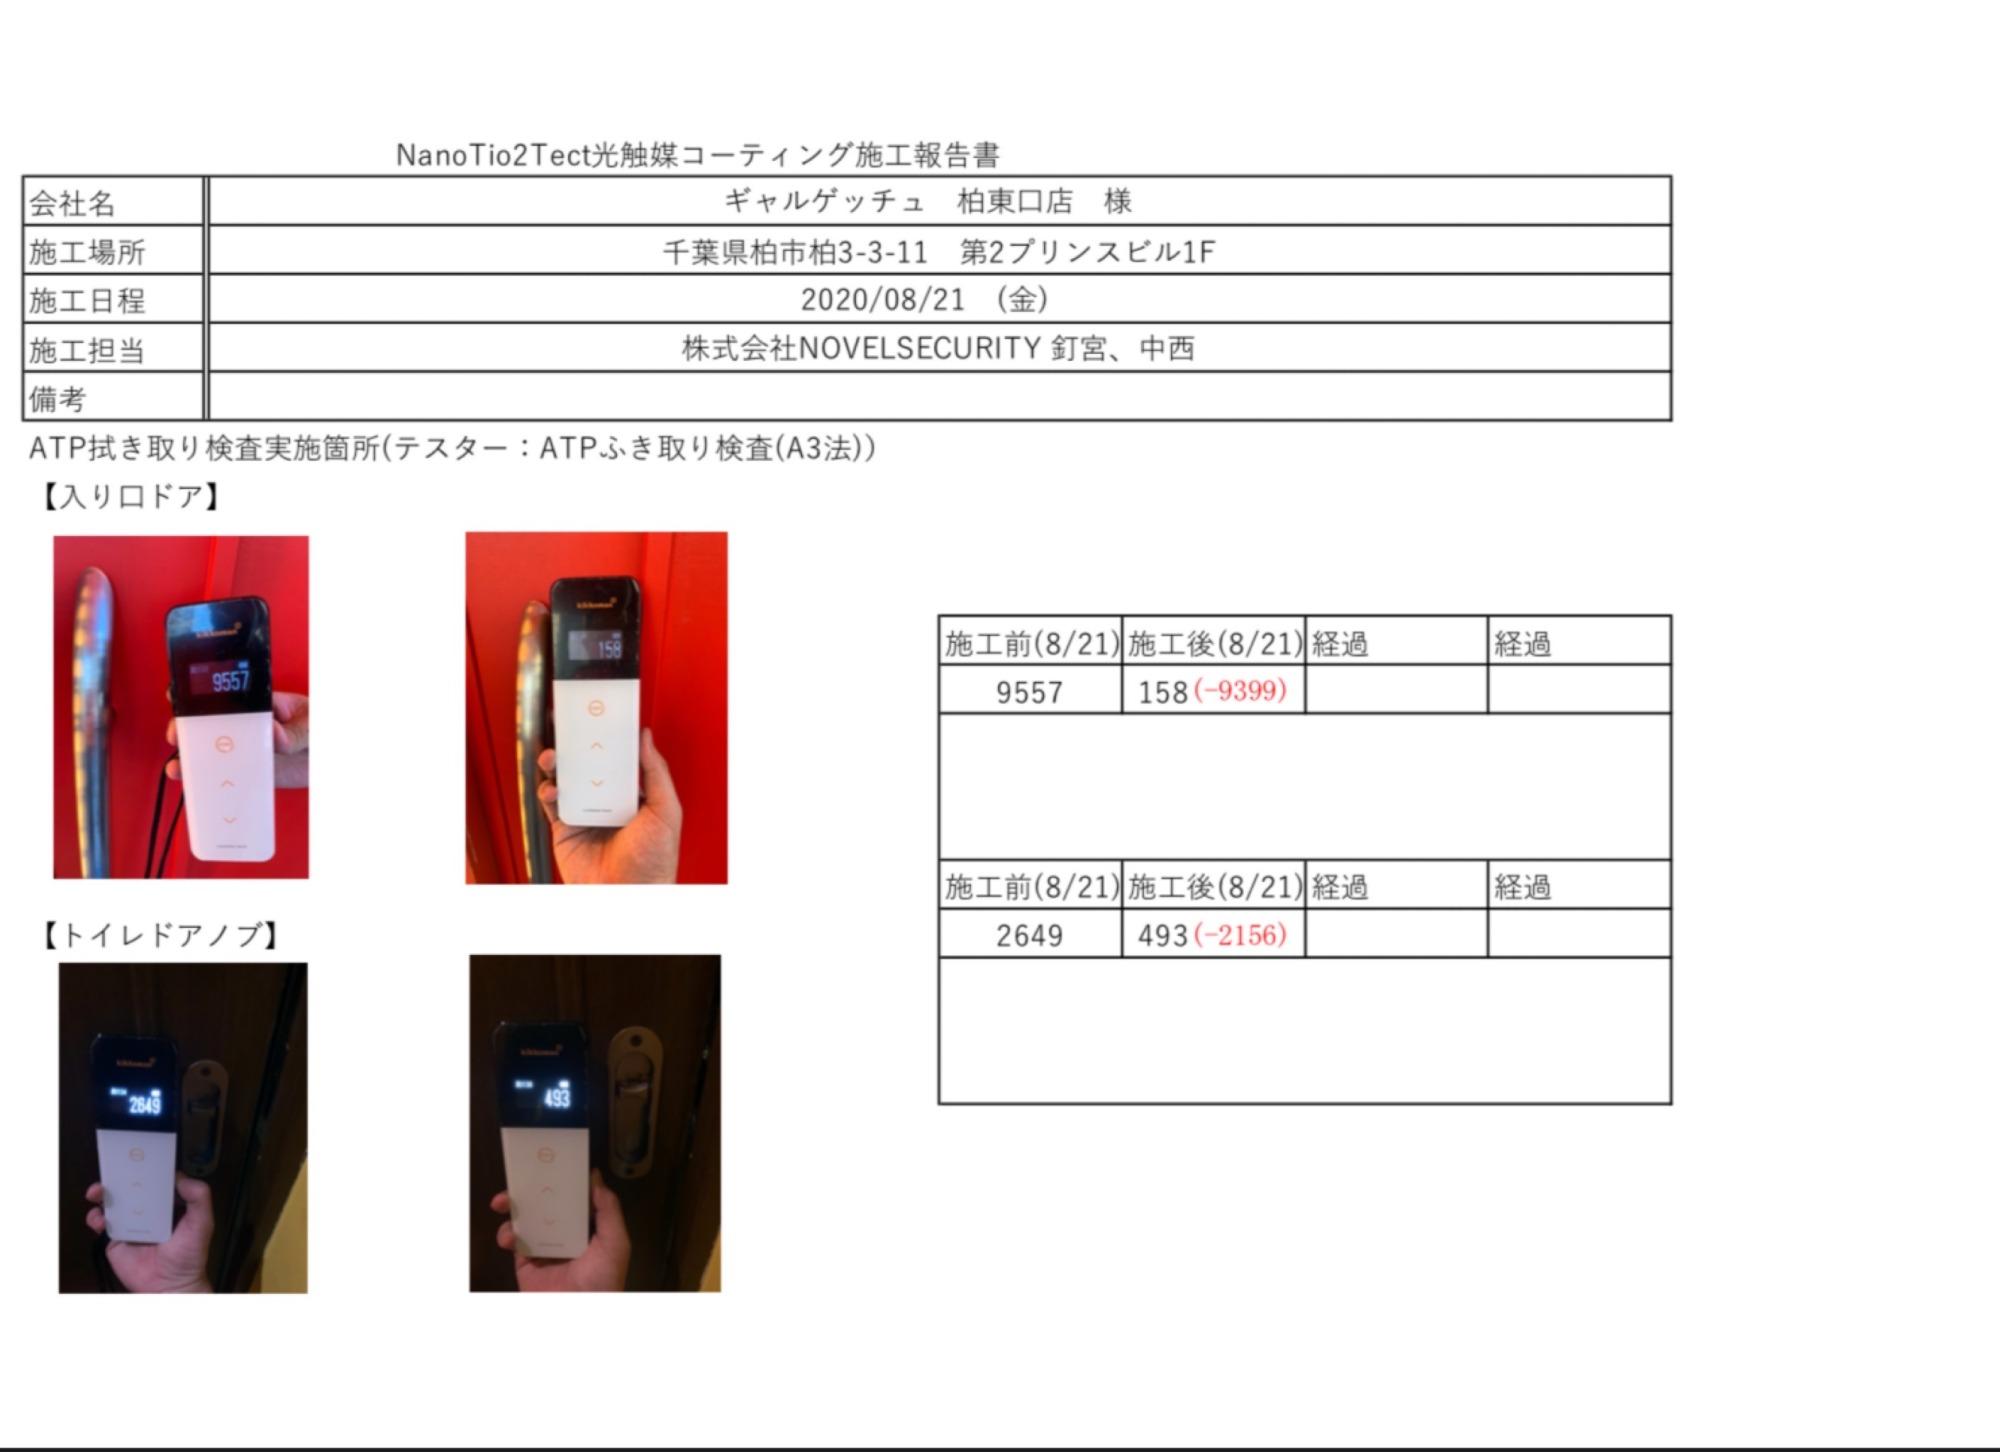 1477c01b36aa049d3ced2aeea9d9ee5699d17c44.jpg